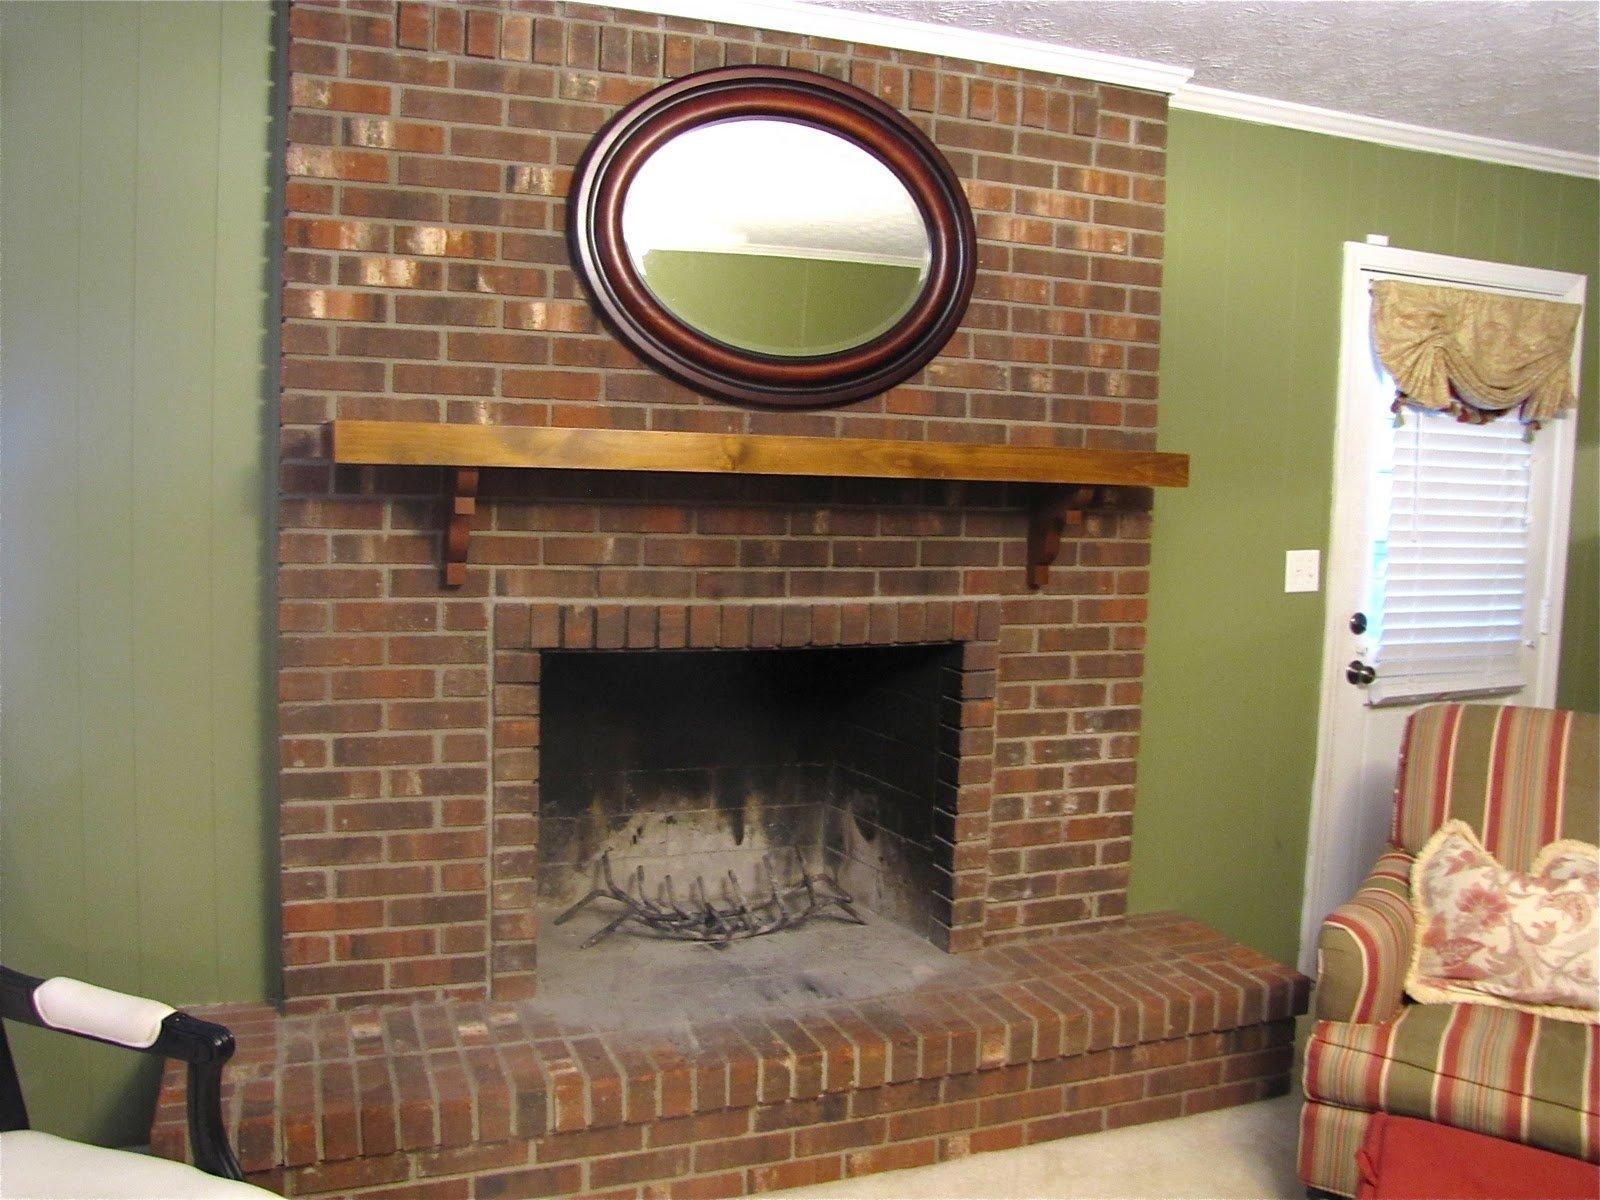 10 Unique Mantel Ideas For Brick Fireplace exciting red brick fireplace mantel decorating ideas images 2020